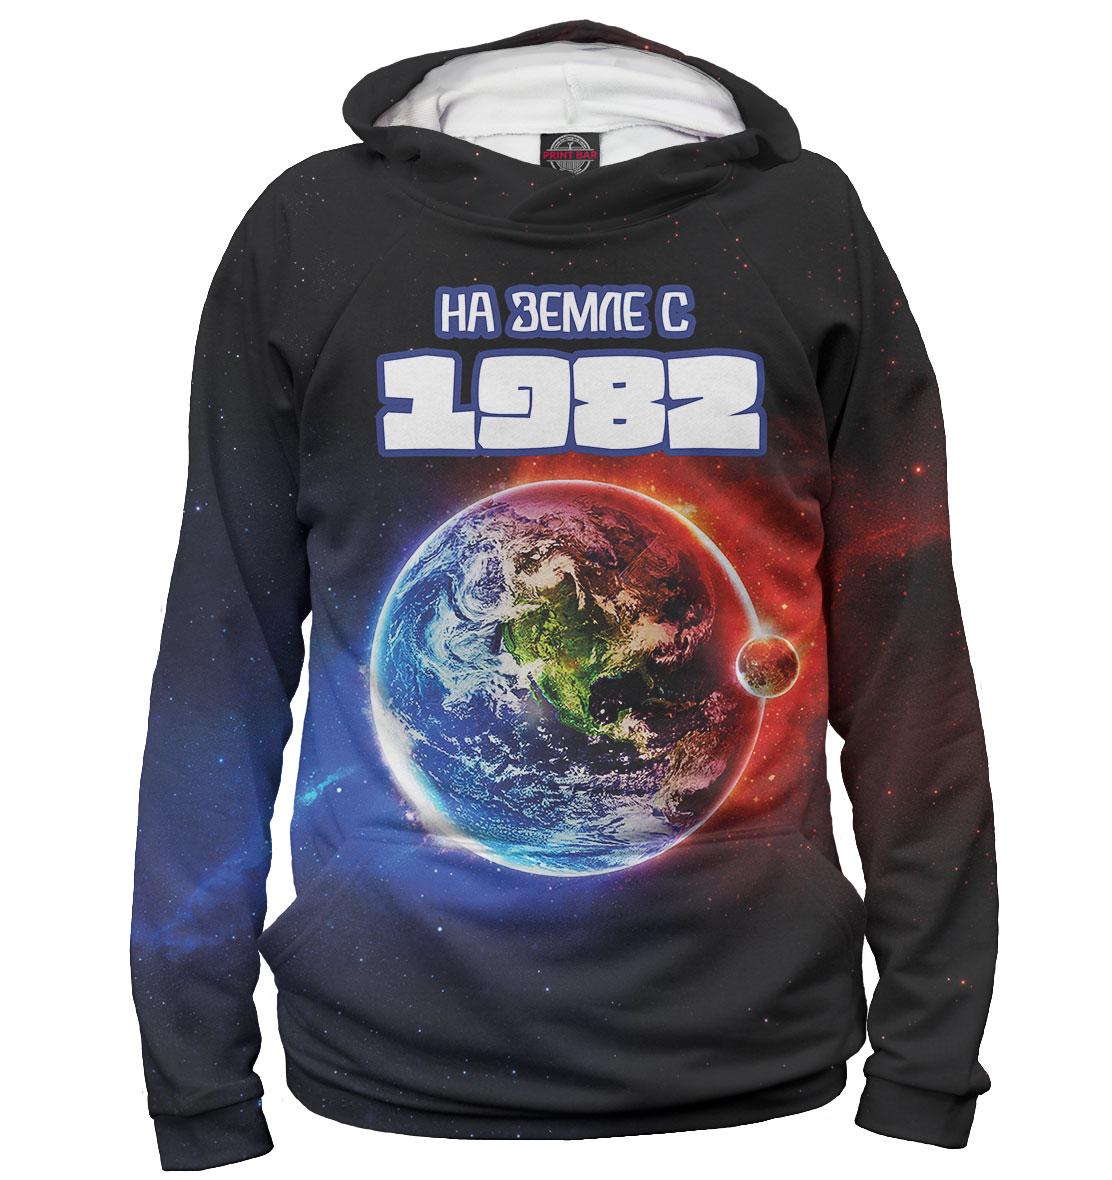 Купить На Земле с 1982, Printbar, Худи, DVD-986196-hud-1